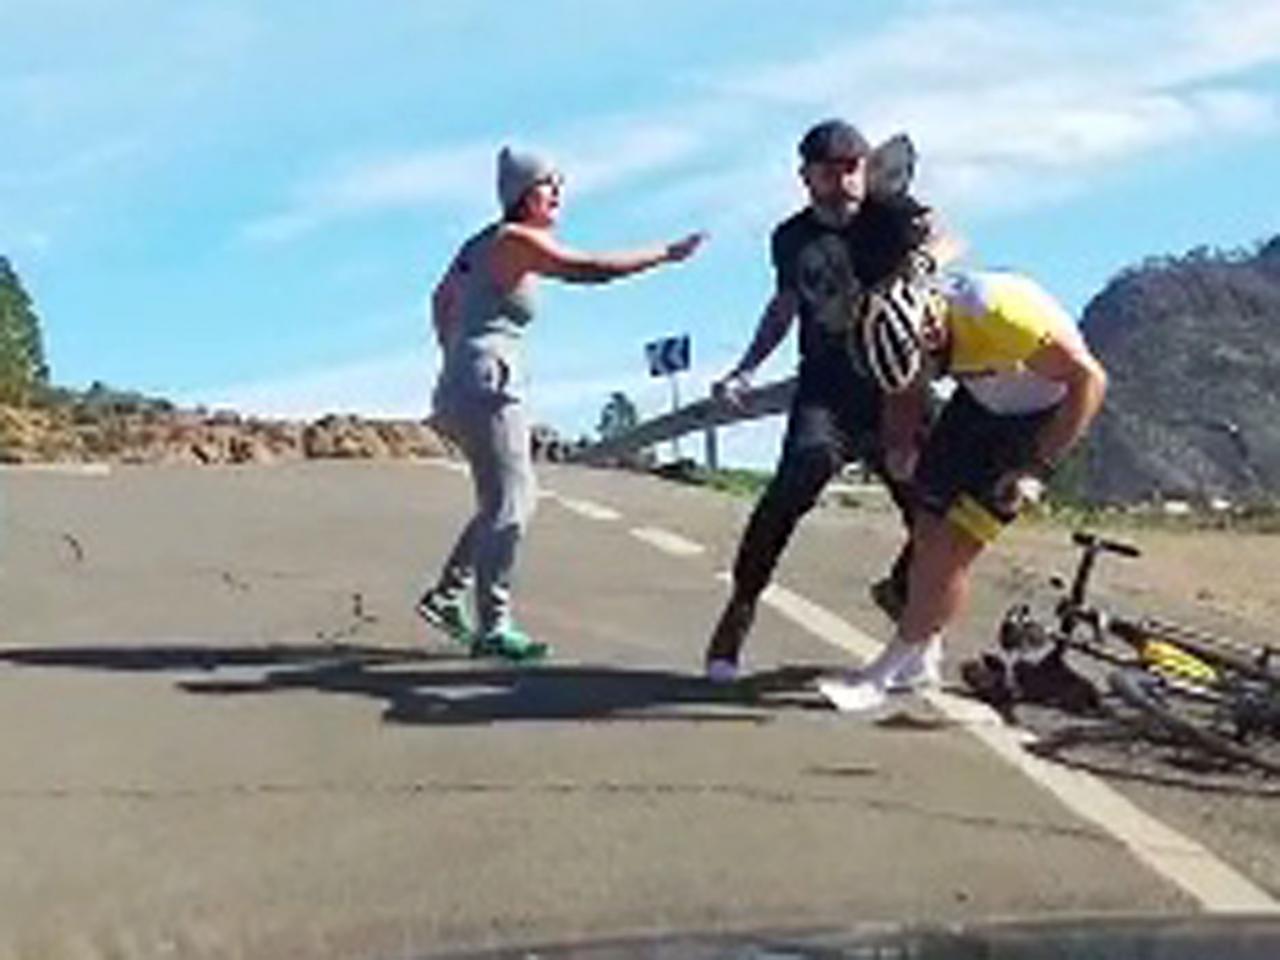 CANARIAS - AGRESIONES - El ciclista mallorquín Raúl Márquez sufre una brutal agresión en Canarias.